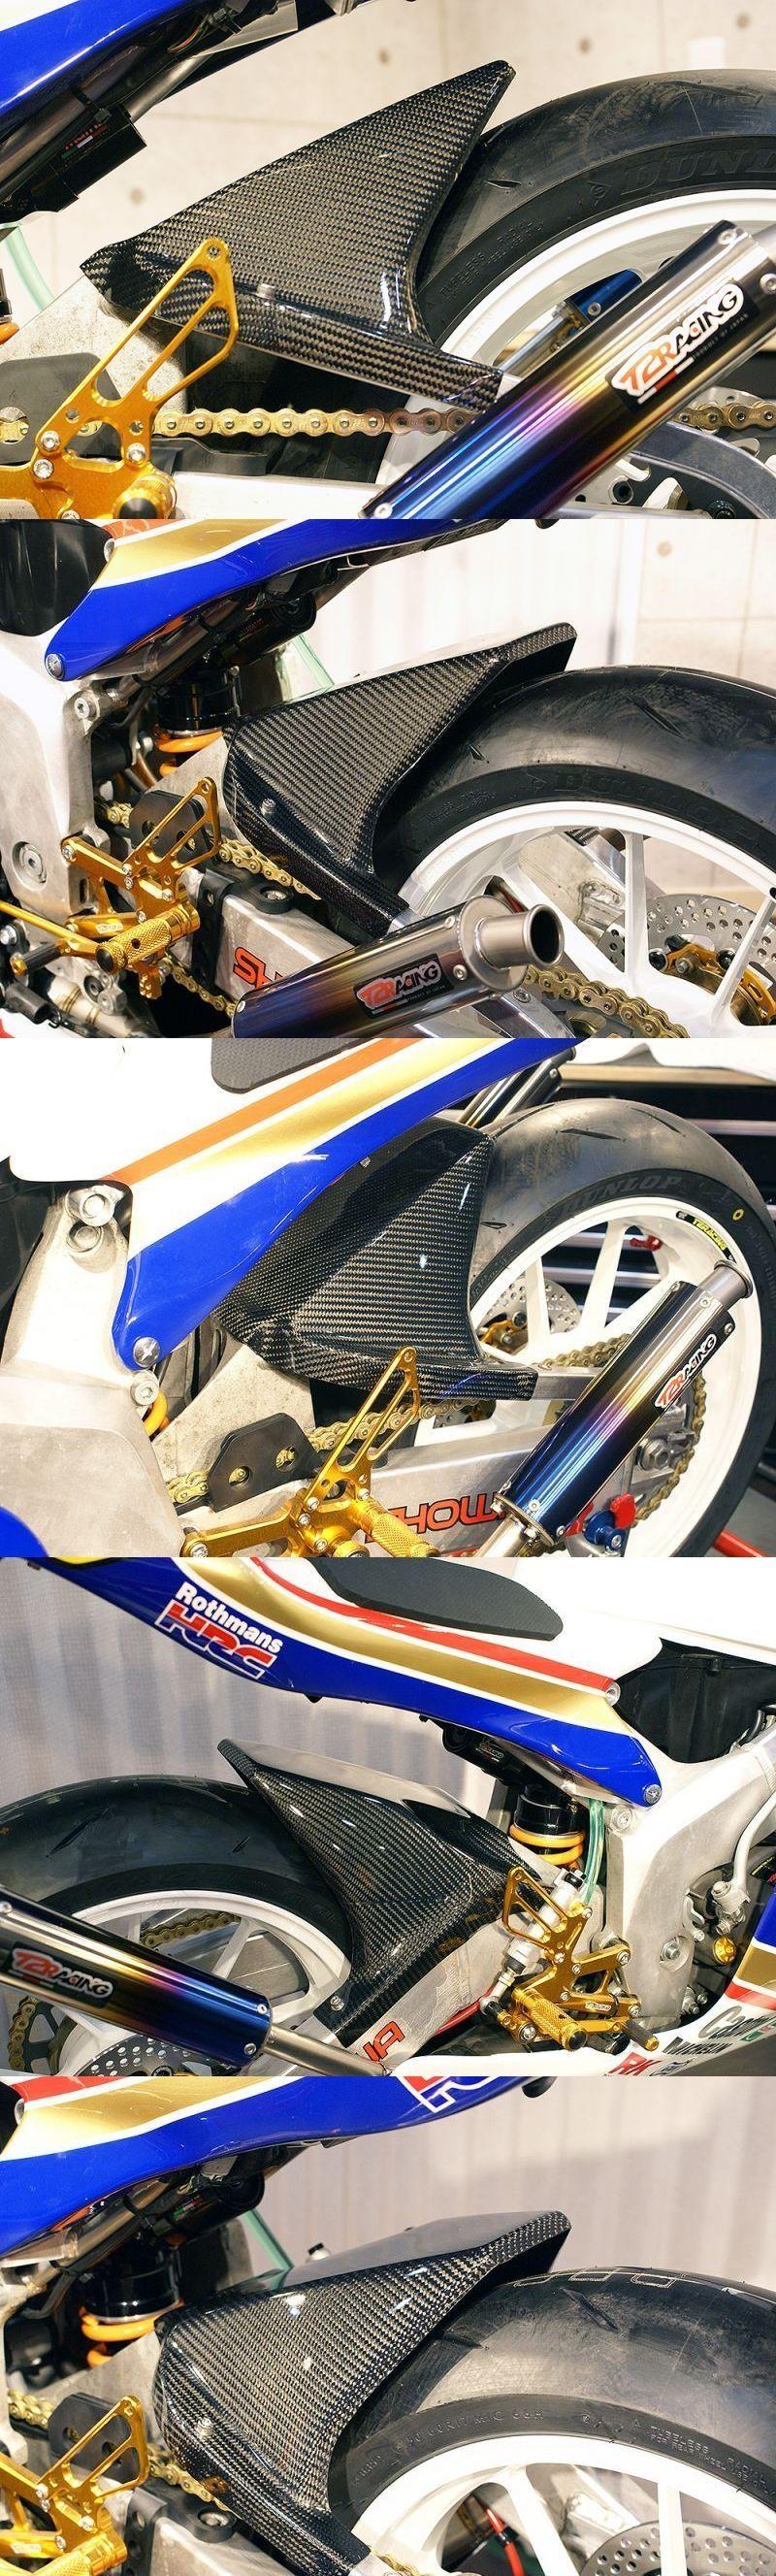 【T2 Racing】清漆塗裝後土除 - 「Webike-摩托百貨」